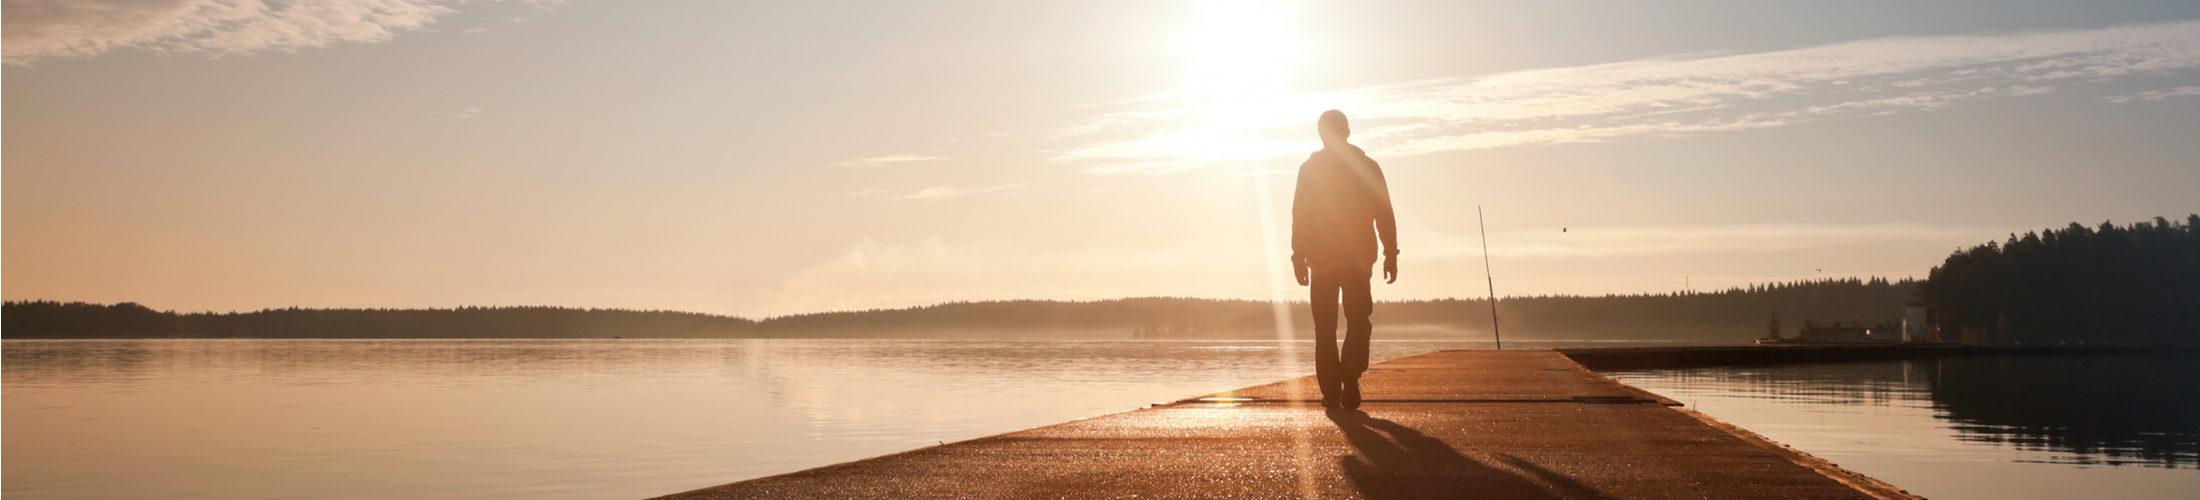 Bewegte Gespräche - Gehen und Laufen in der Psychotherapie